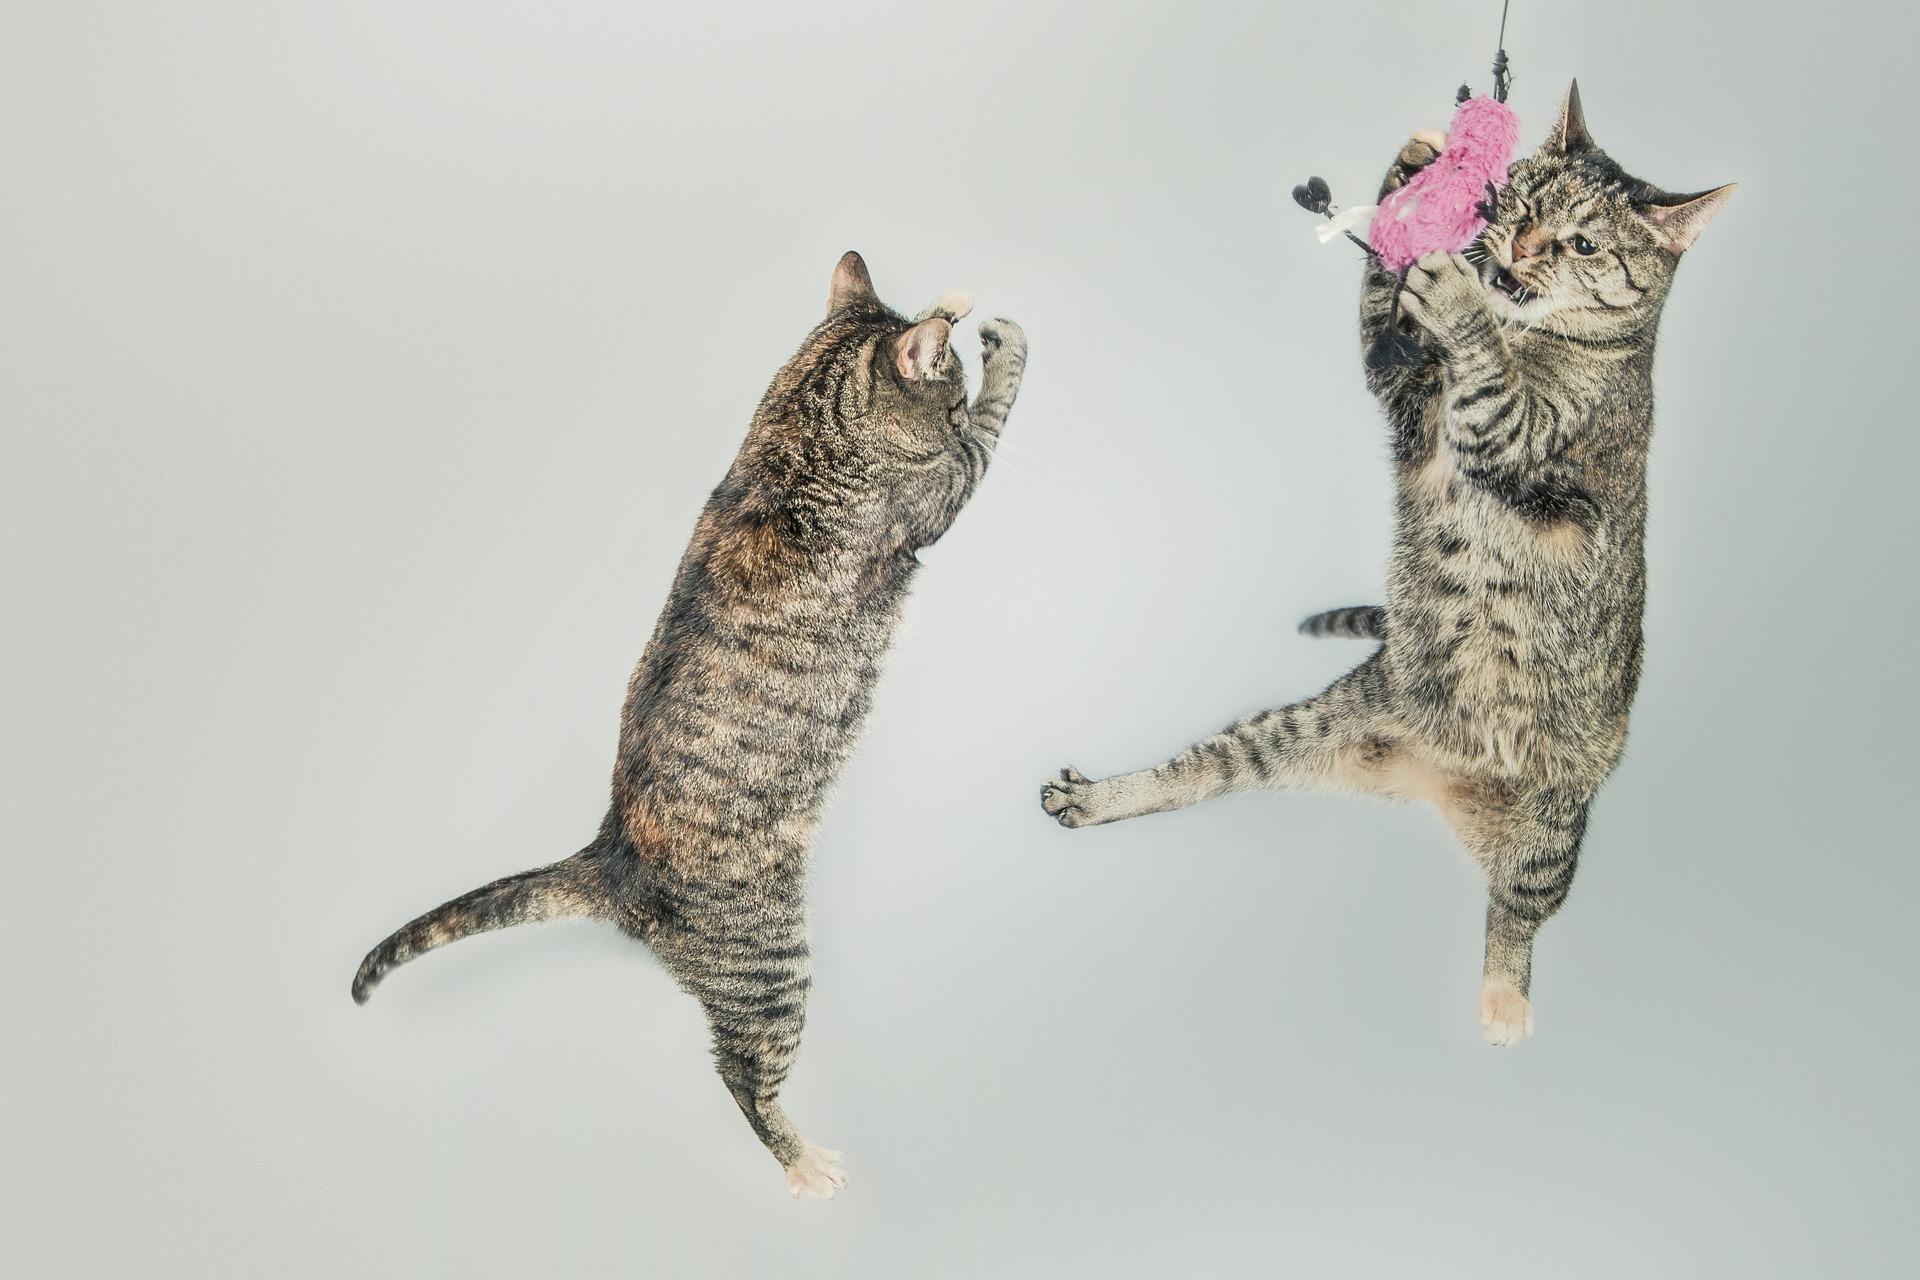 Краткий обзор книги «Если все кошки в мире исчезнут» (автор: Гэнки Кавамура)